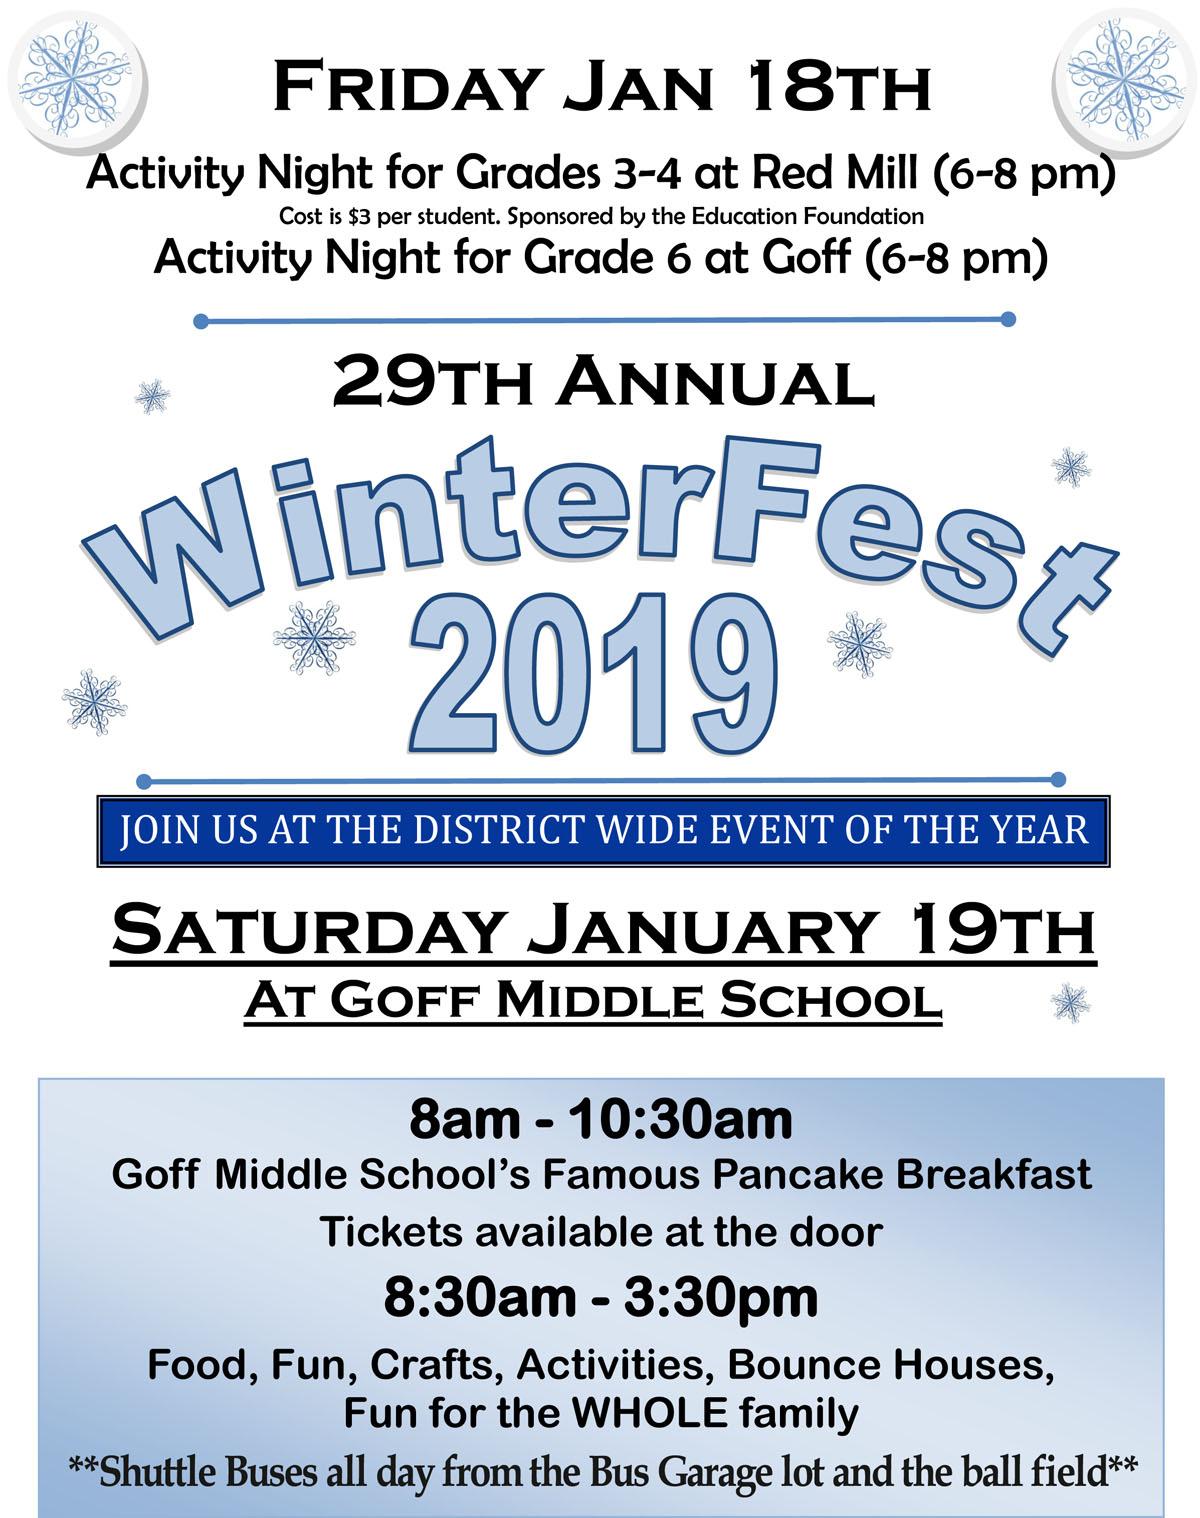 WinterFest 2019 flyer